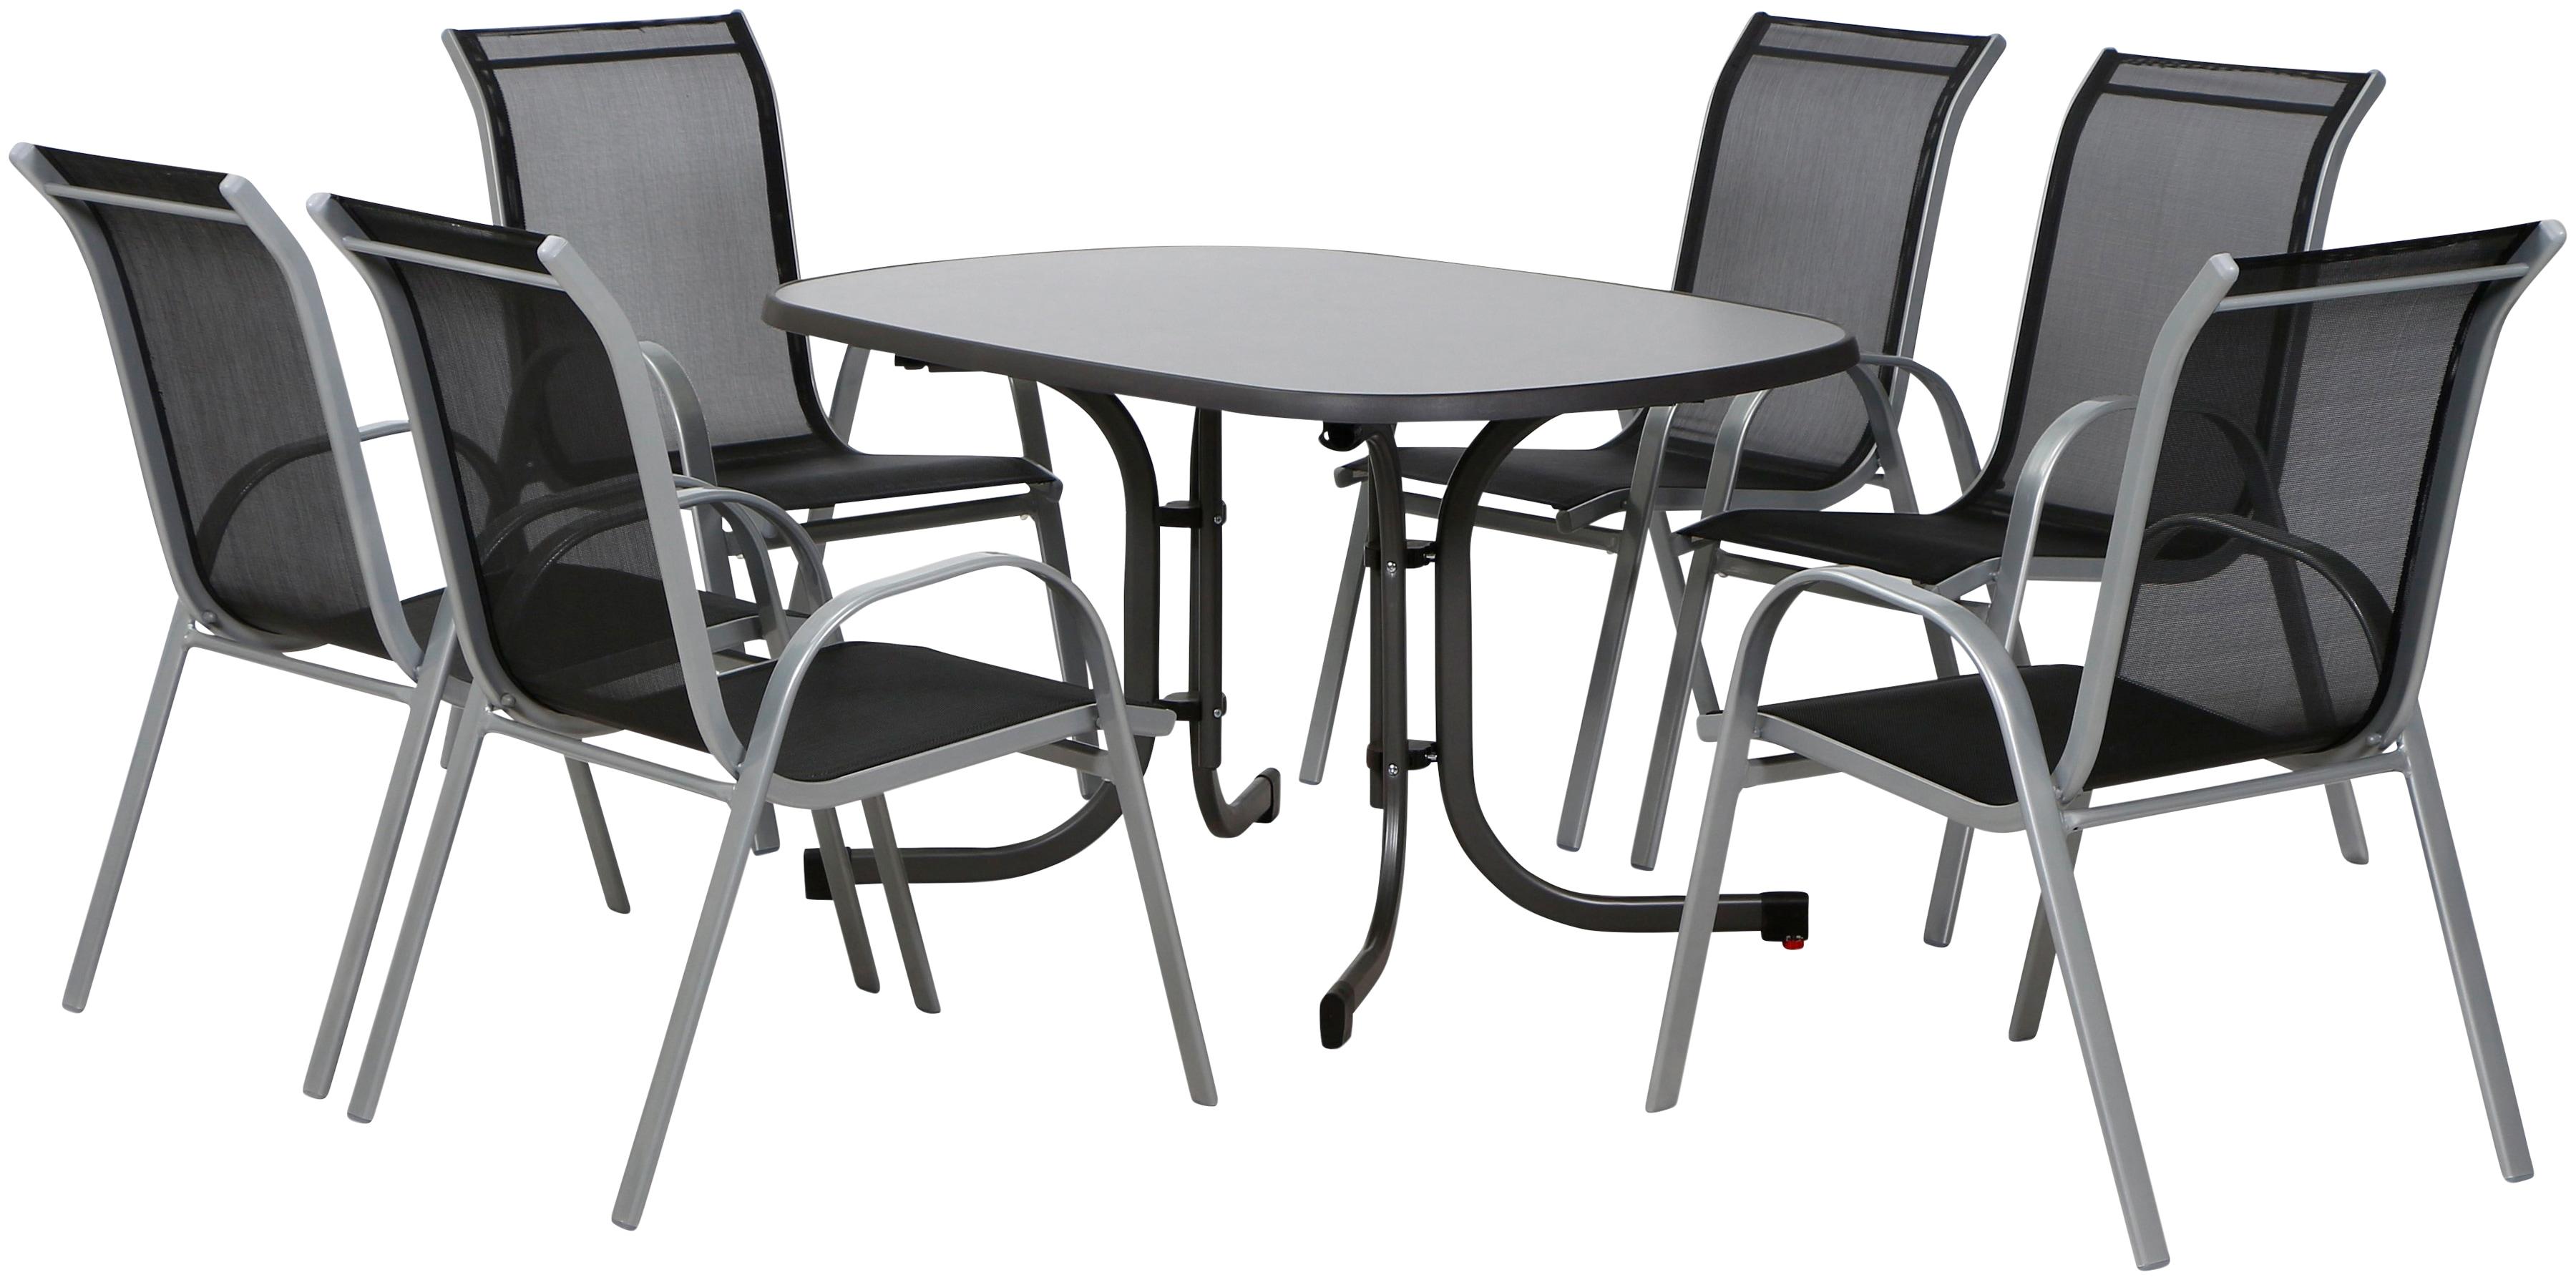 Gartenmöbelset SaturnII 7tlg Alu/Stahl 6 Stühle 1 Tisch 132x90 cm